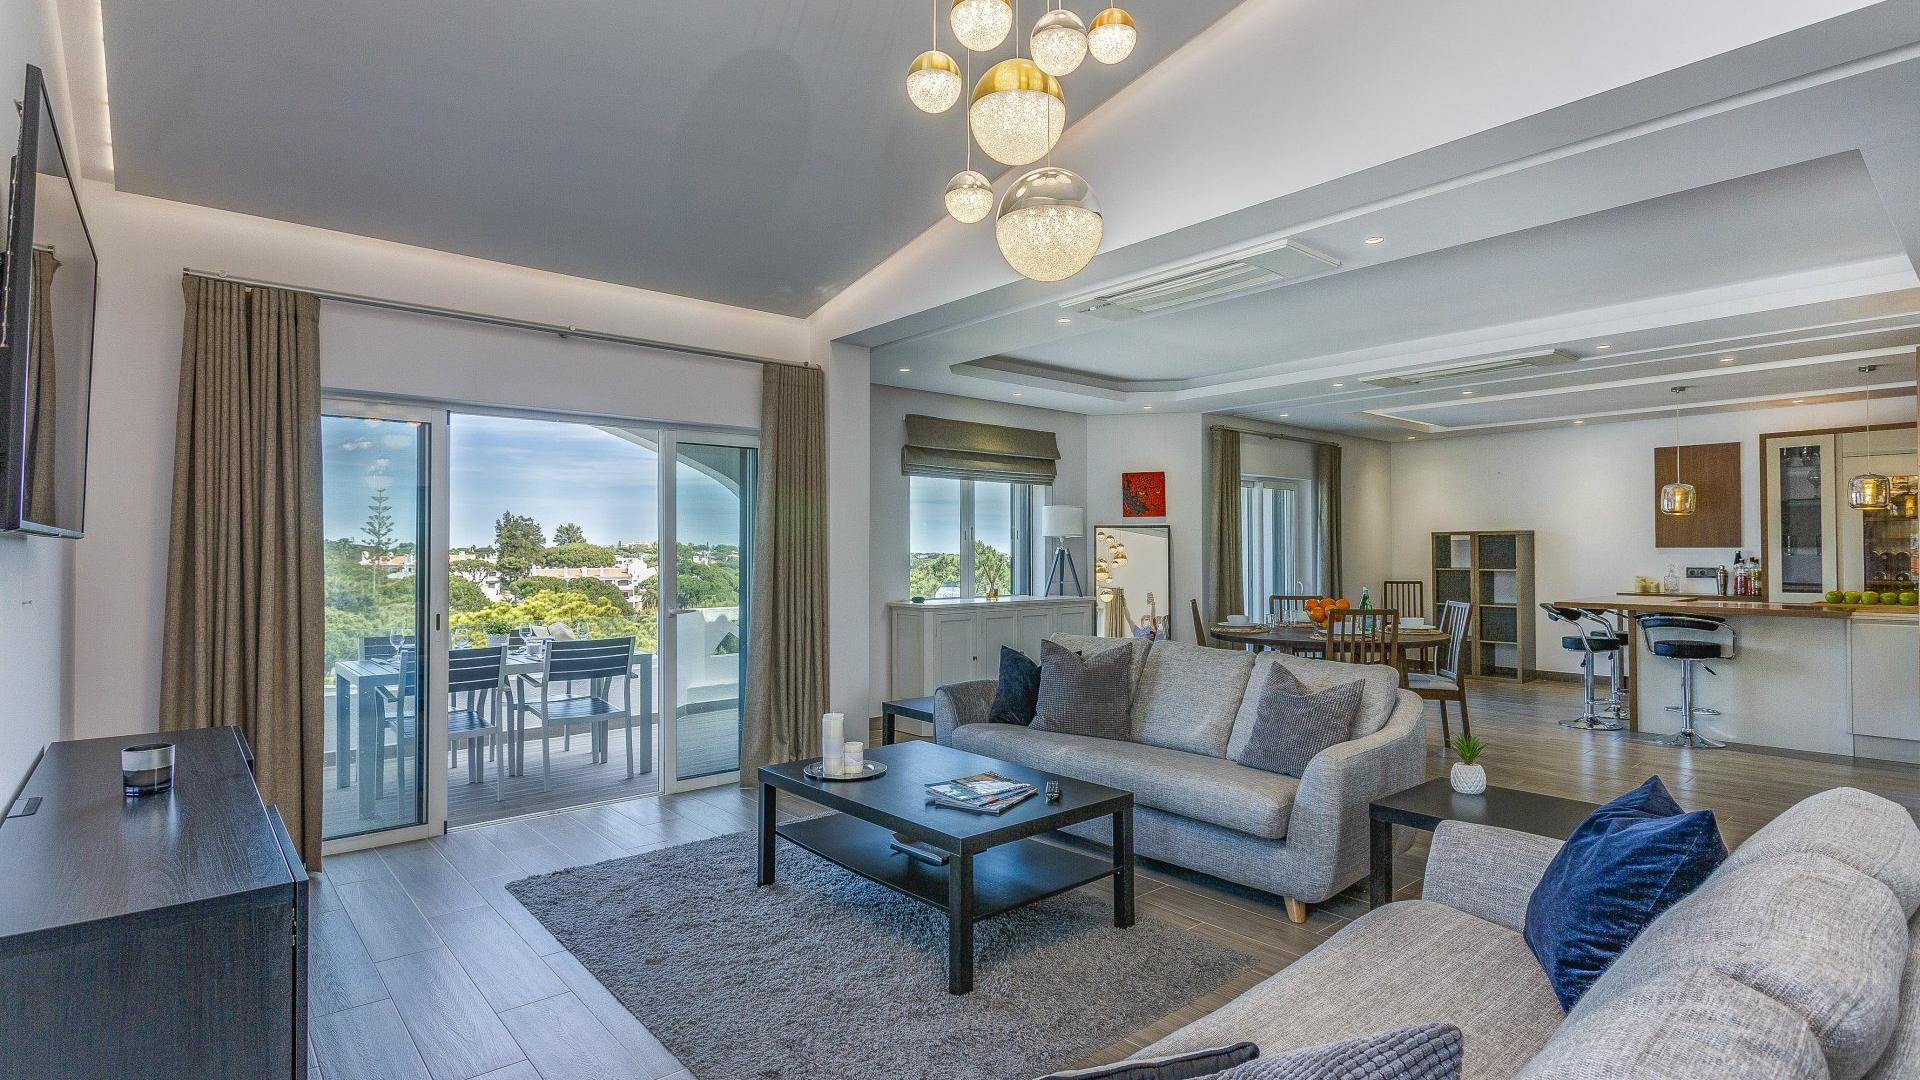 Apartment Aria - Vale do Lobo, Algarve - Apartment_Aria_Living_Area_2.jpg